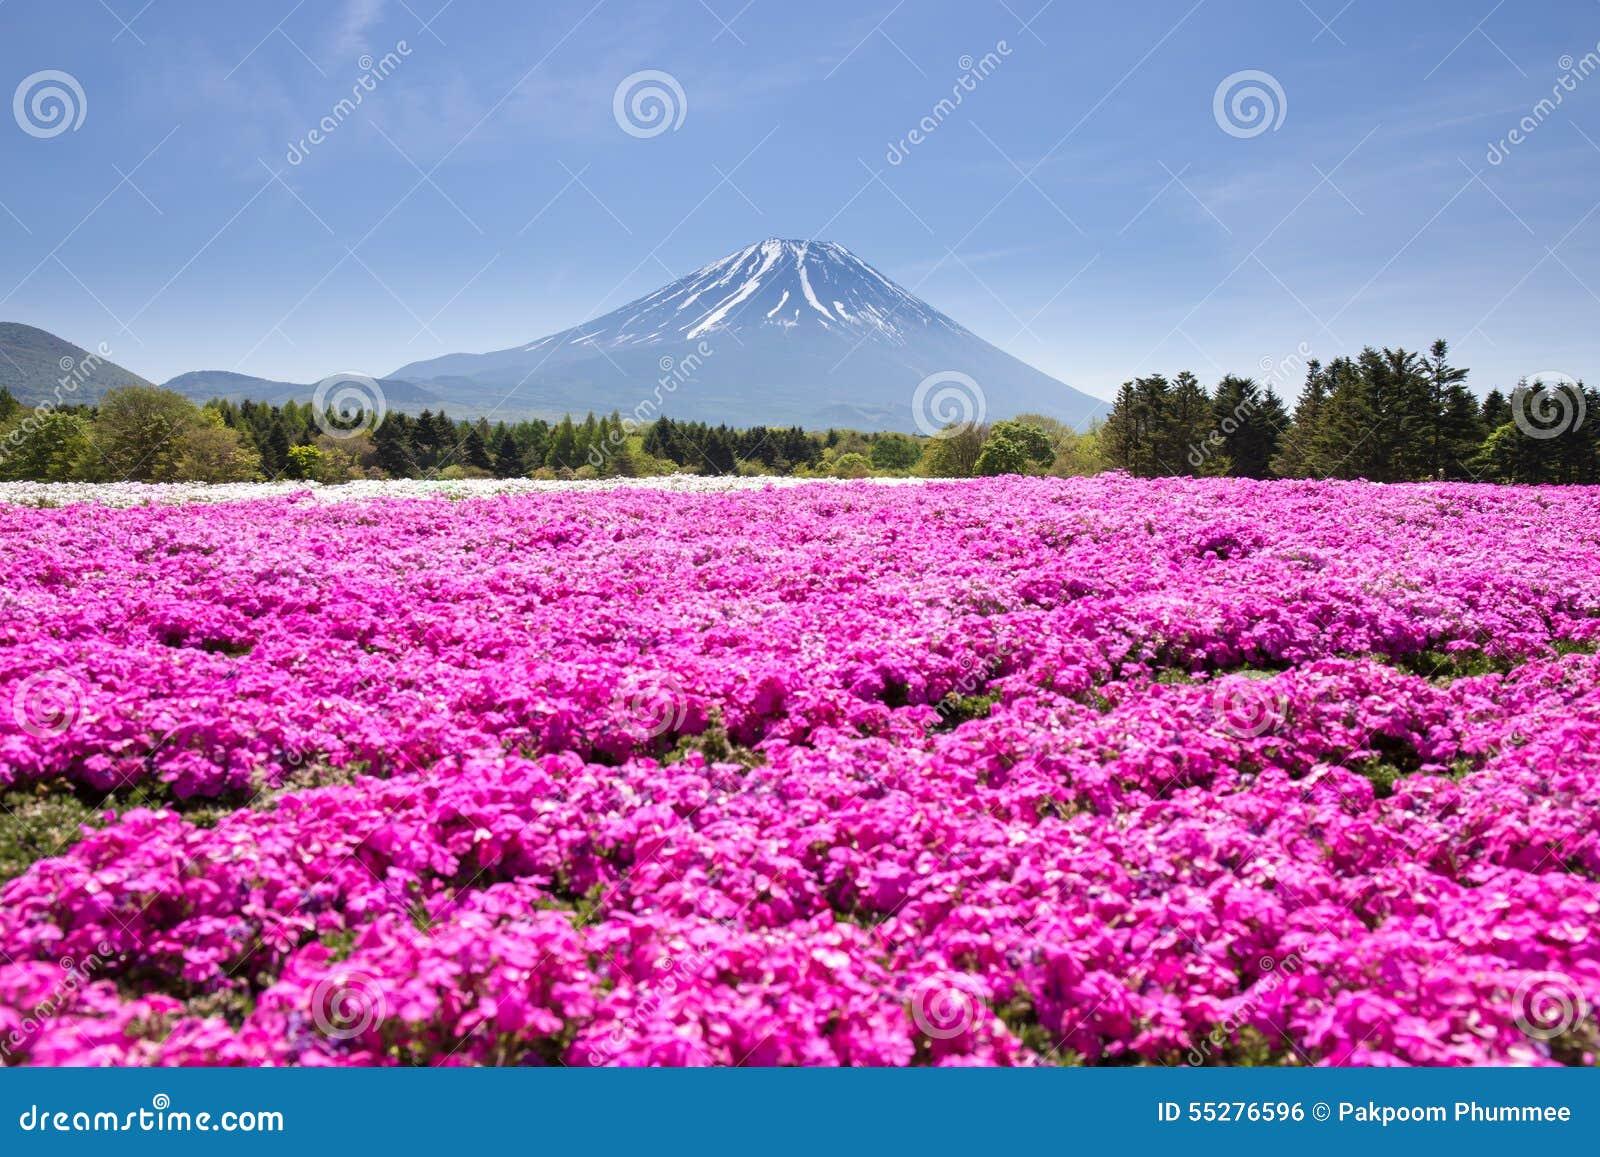 Festival du Japon Shibazakura avec le champ de la mousse rose de Sakura ou des fleurs de cerisier avec la montagne Fuji Yamanashi